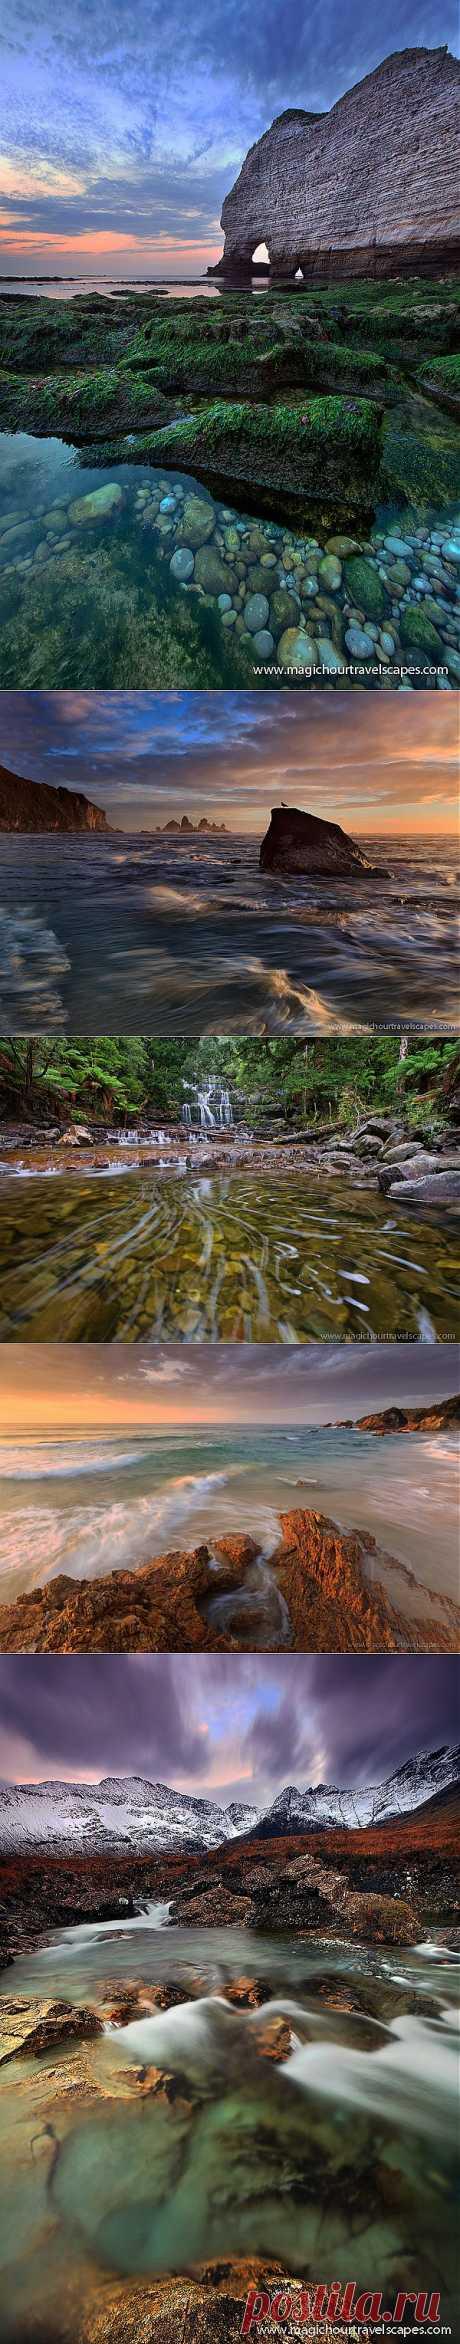 Завораживающая красота ландшафтов в чарующих фотографиях Kah Kit Yoong   Newpix.ru - позитивный интернет-журнал